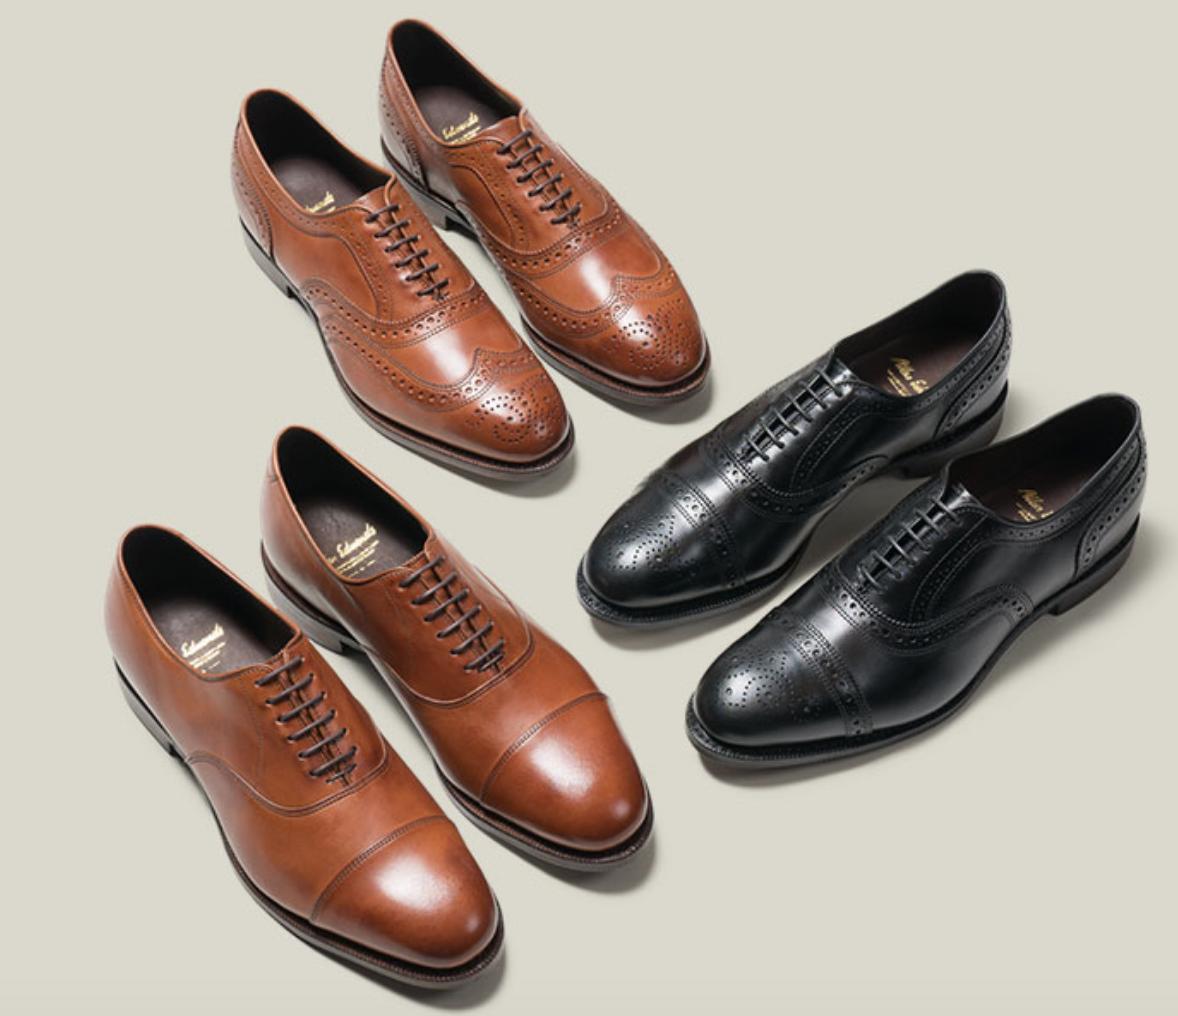 Mens Allen Edmonds Dress Shoes Carlyle Fifth Avenue Oxford